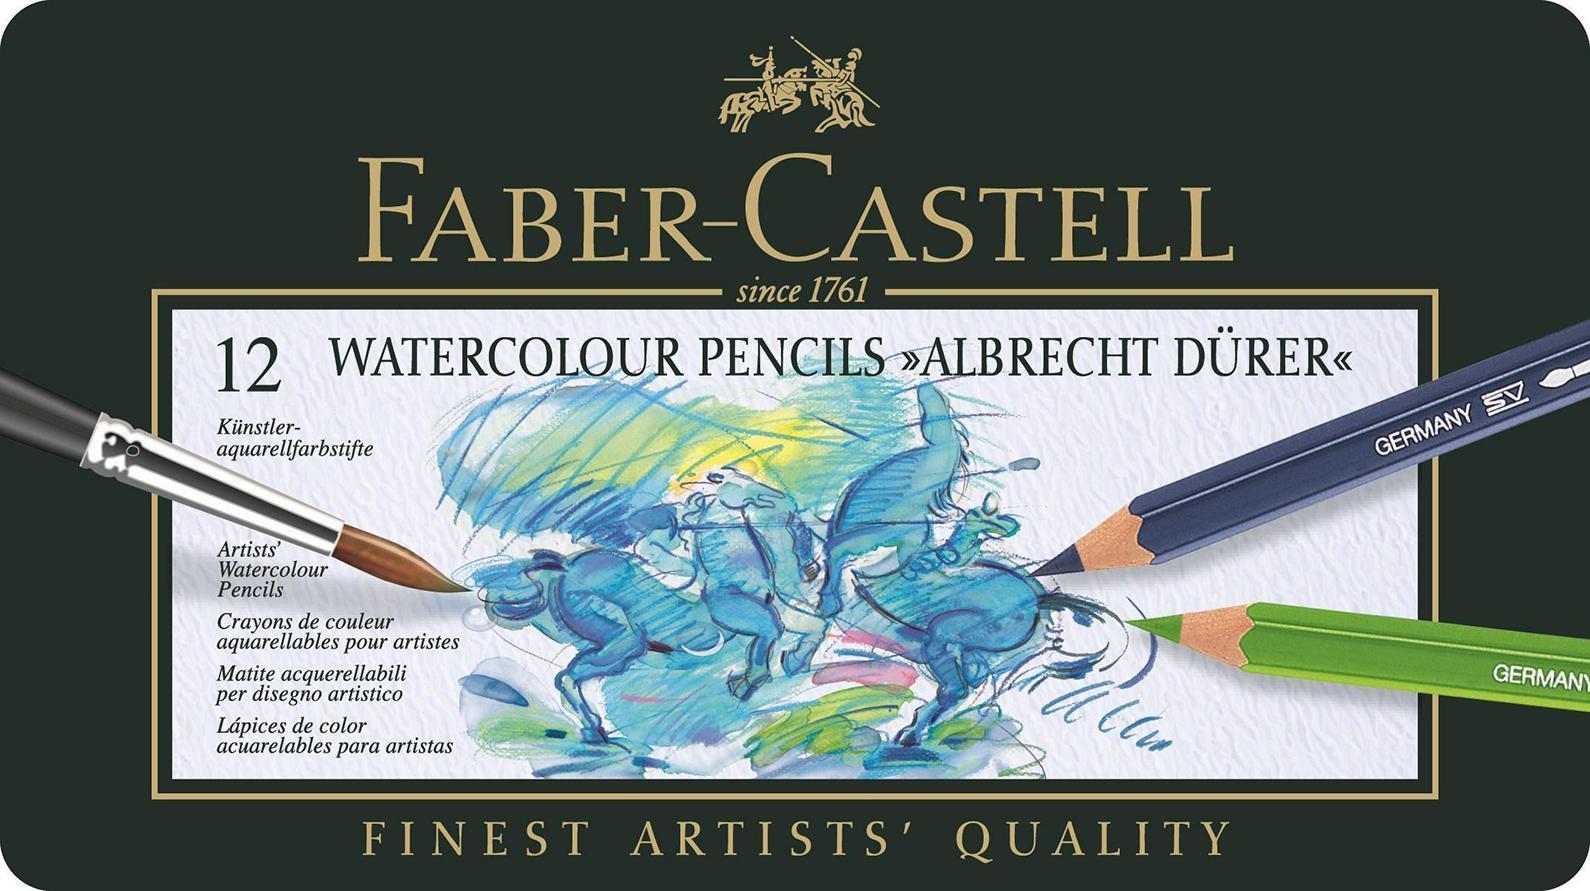 Акварельныекарандаши ALBRECHT DURER®, набор цветов, в металлической коробке, 12 шт.117512В наборе карандаши 12 цветов: белый, желтый, оранжевый, красный, фиолетовый, голубой, синий,зеленый, салатовый, бежевый, коричневый, черный. Вид карандаша: Акварельный.Материал: дерево.